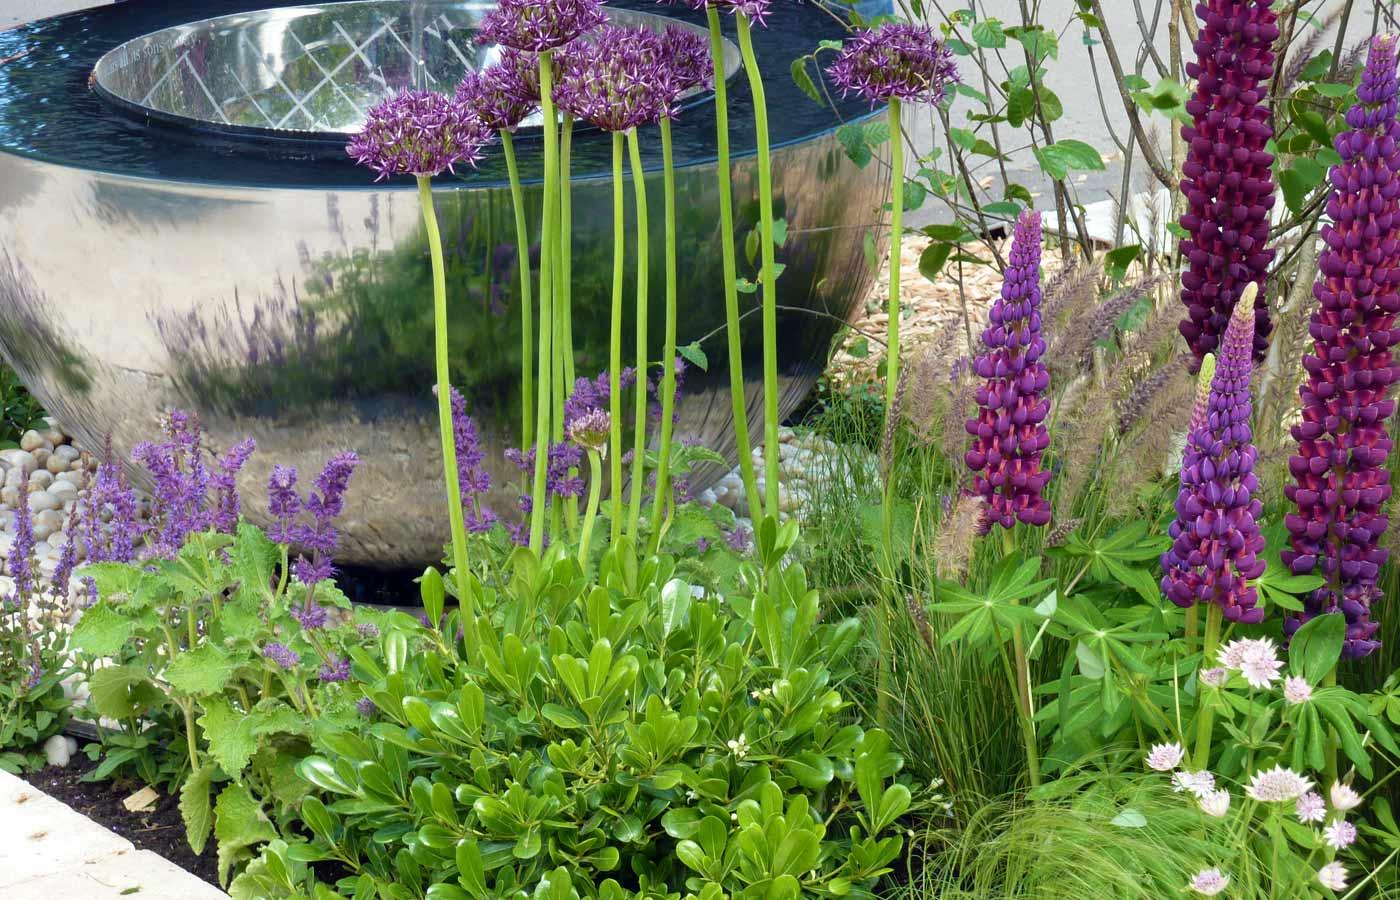 Allium Firmament, Lupinus Masterpiece, Pennisetum setaceum at Chelsea Flower Show